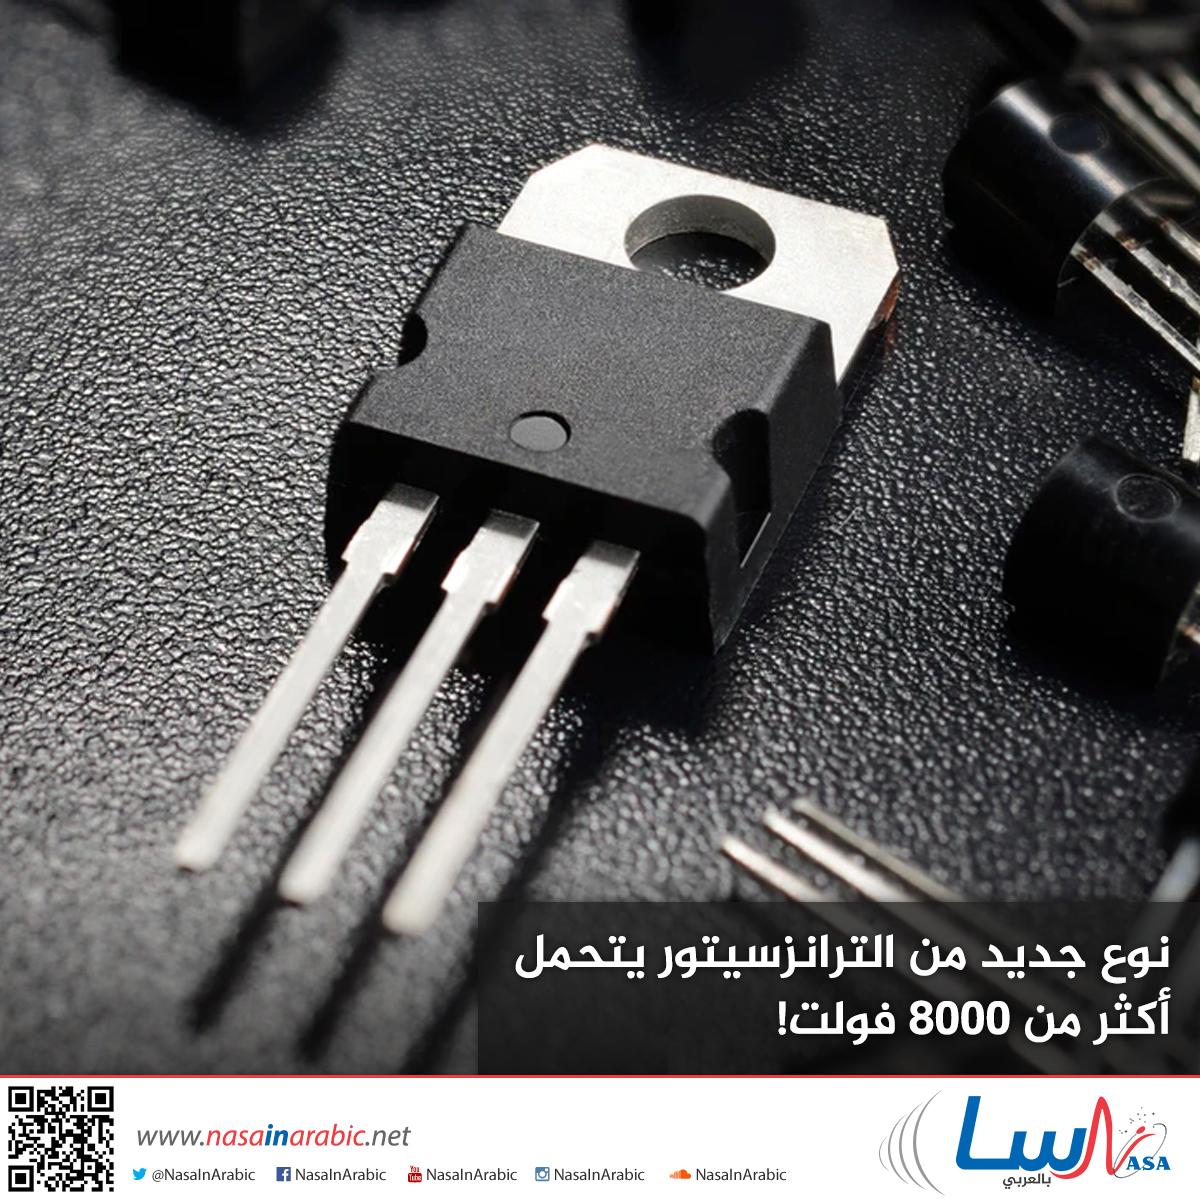 ترانزستور أكسيد الجاليوم الرقيق | نوع جديد من الترانزسيتور يتحمل أكثر من 8000 فولت!